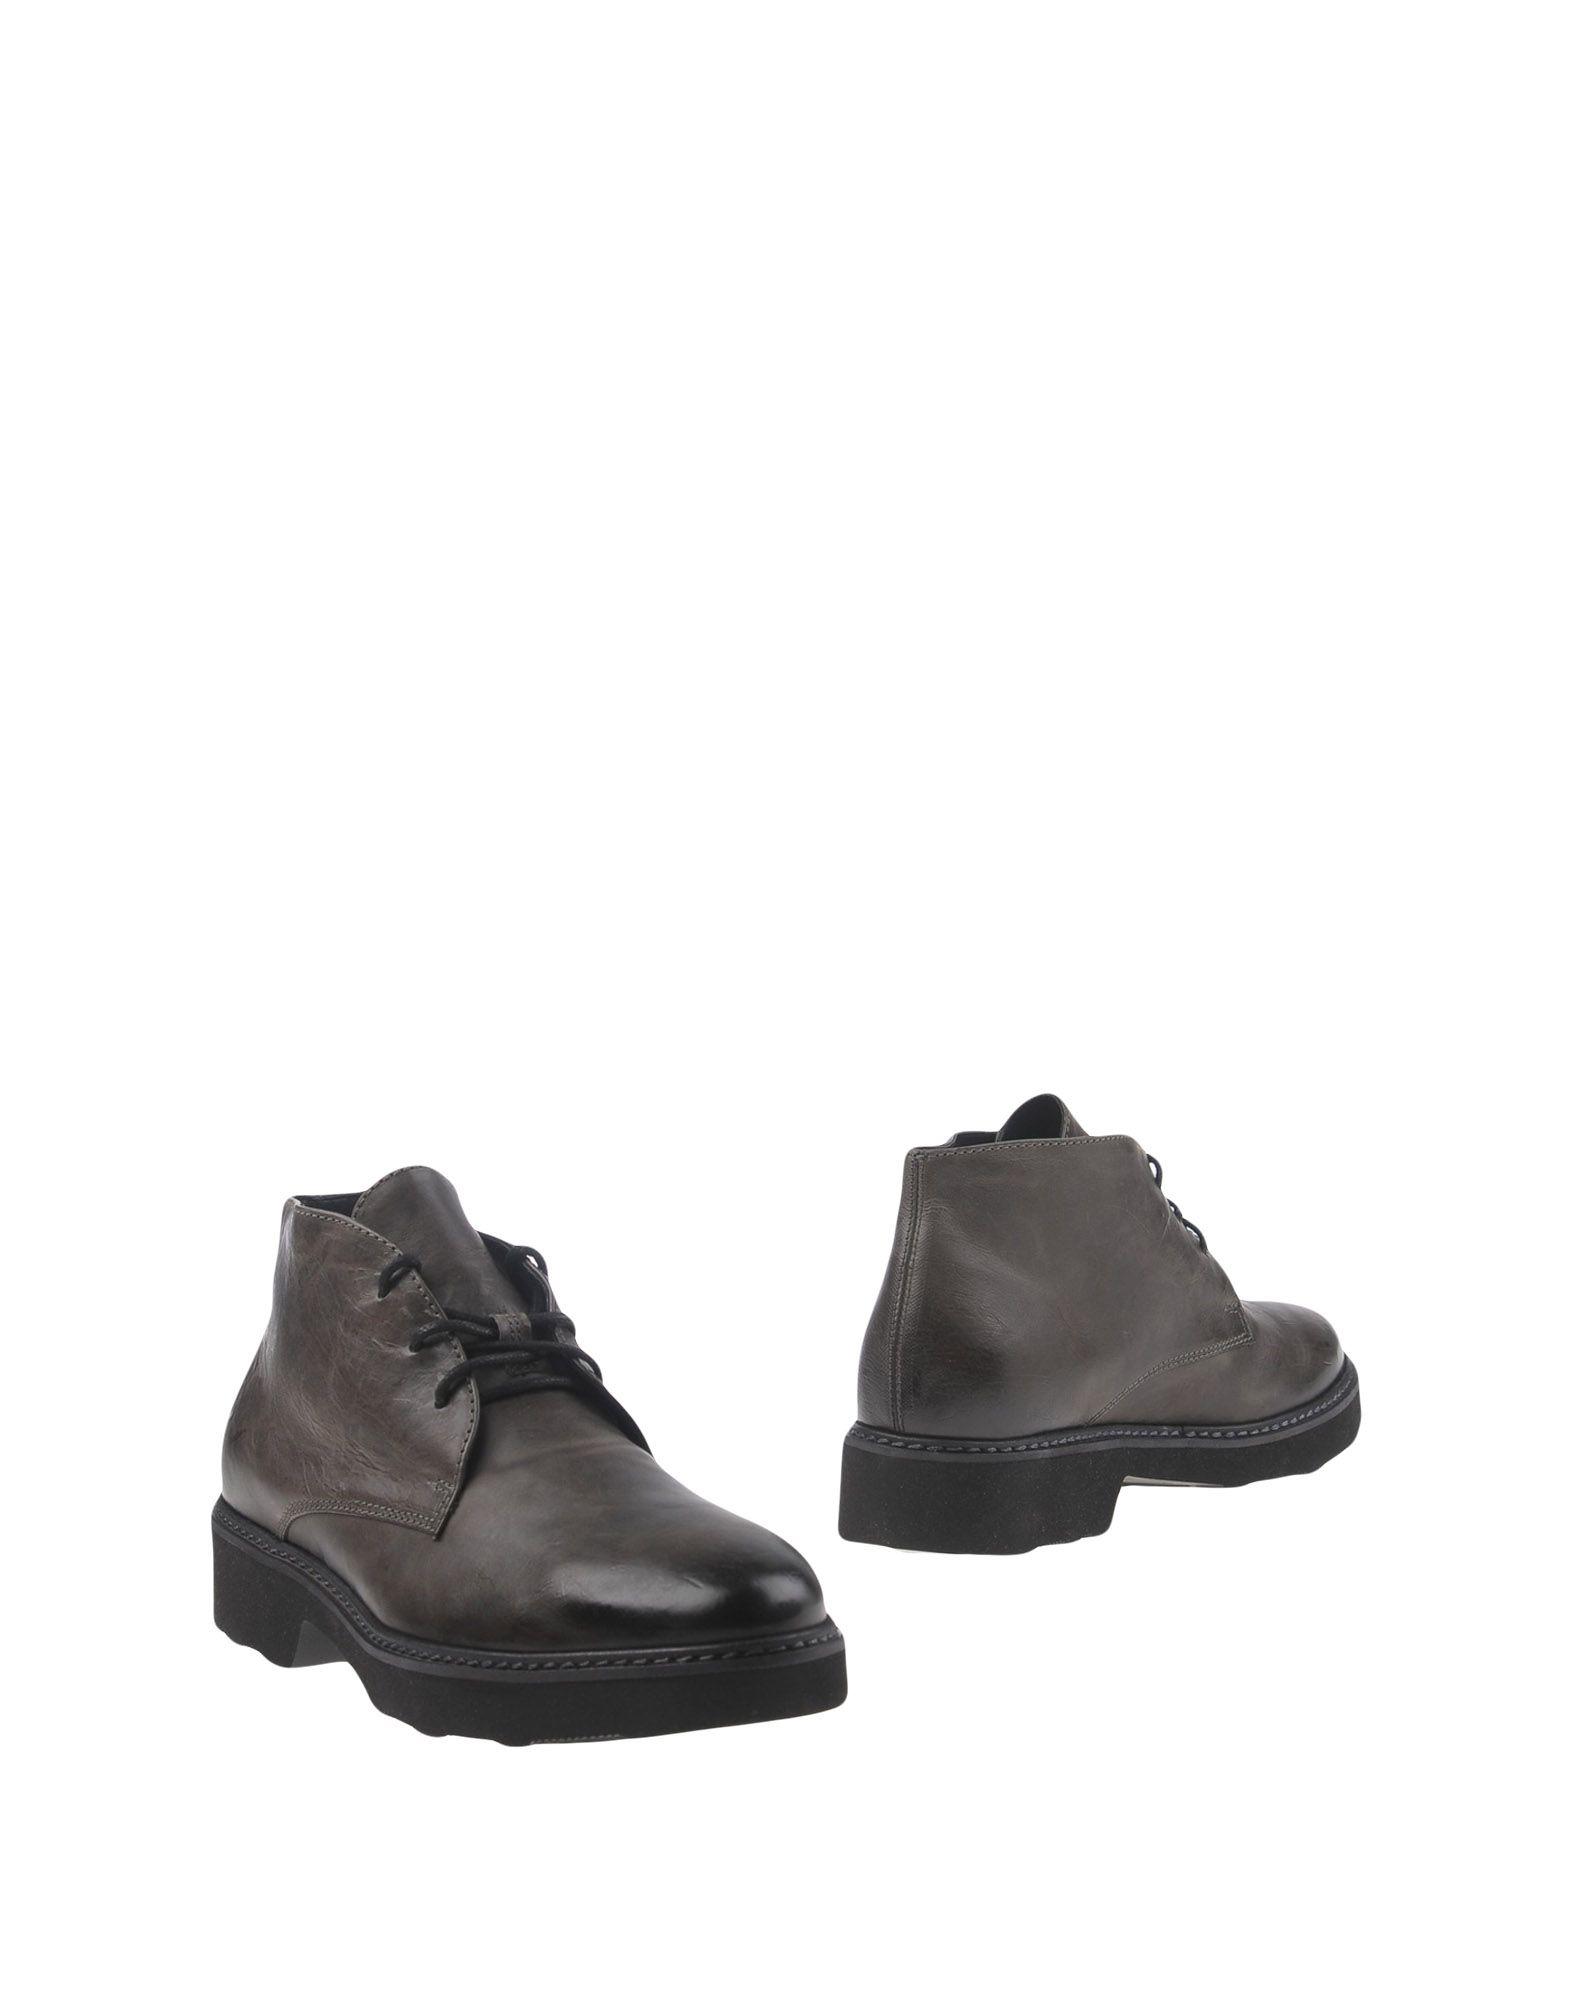 O.X.S. Stiefelette Qualität Herren  11278293FD Gute Qualität Stiefelette beliebte Schuhe 5e68ef